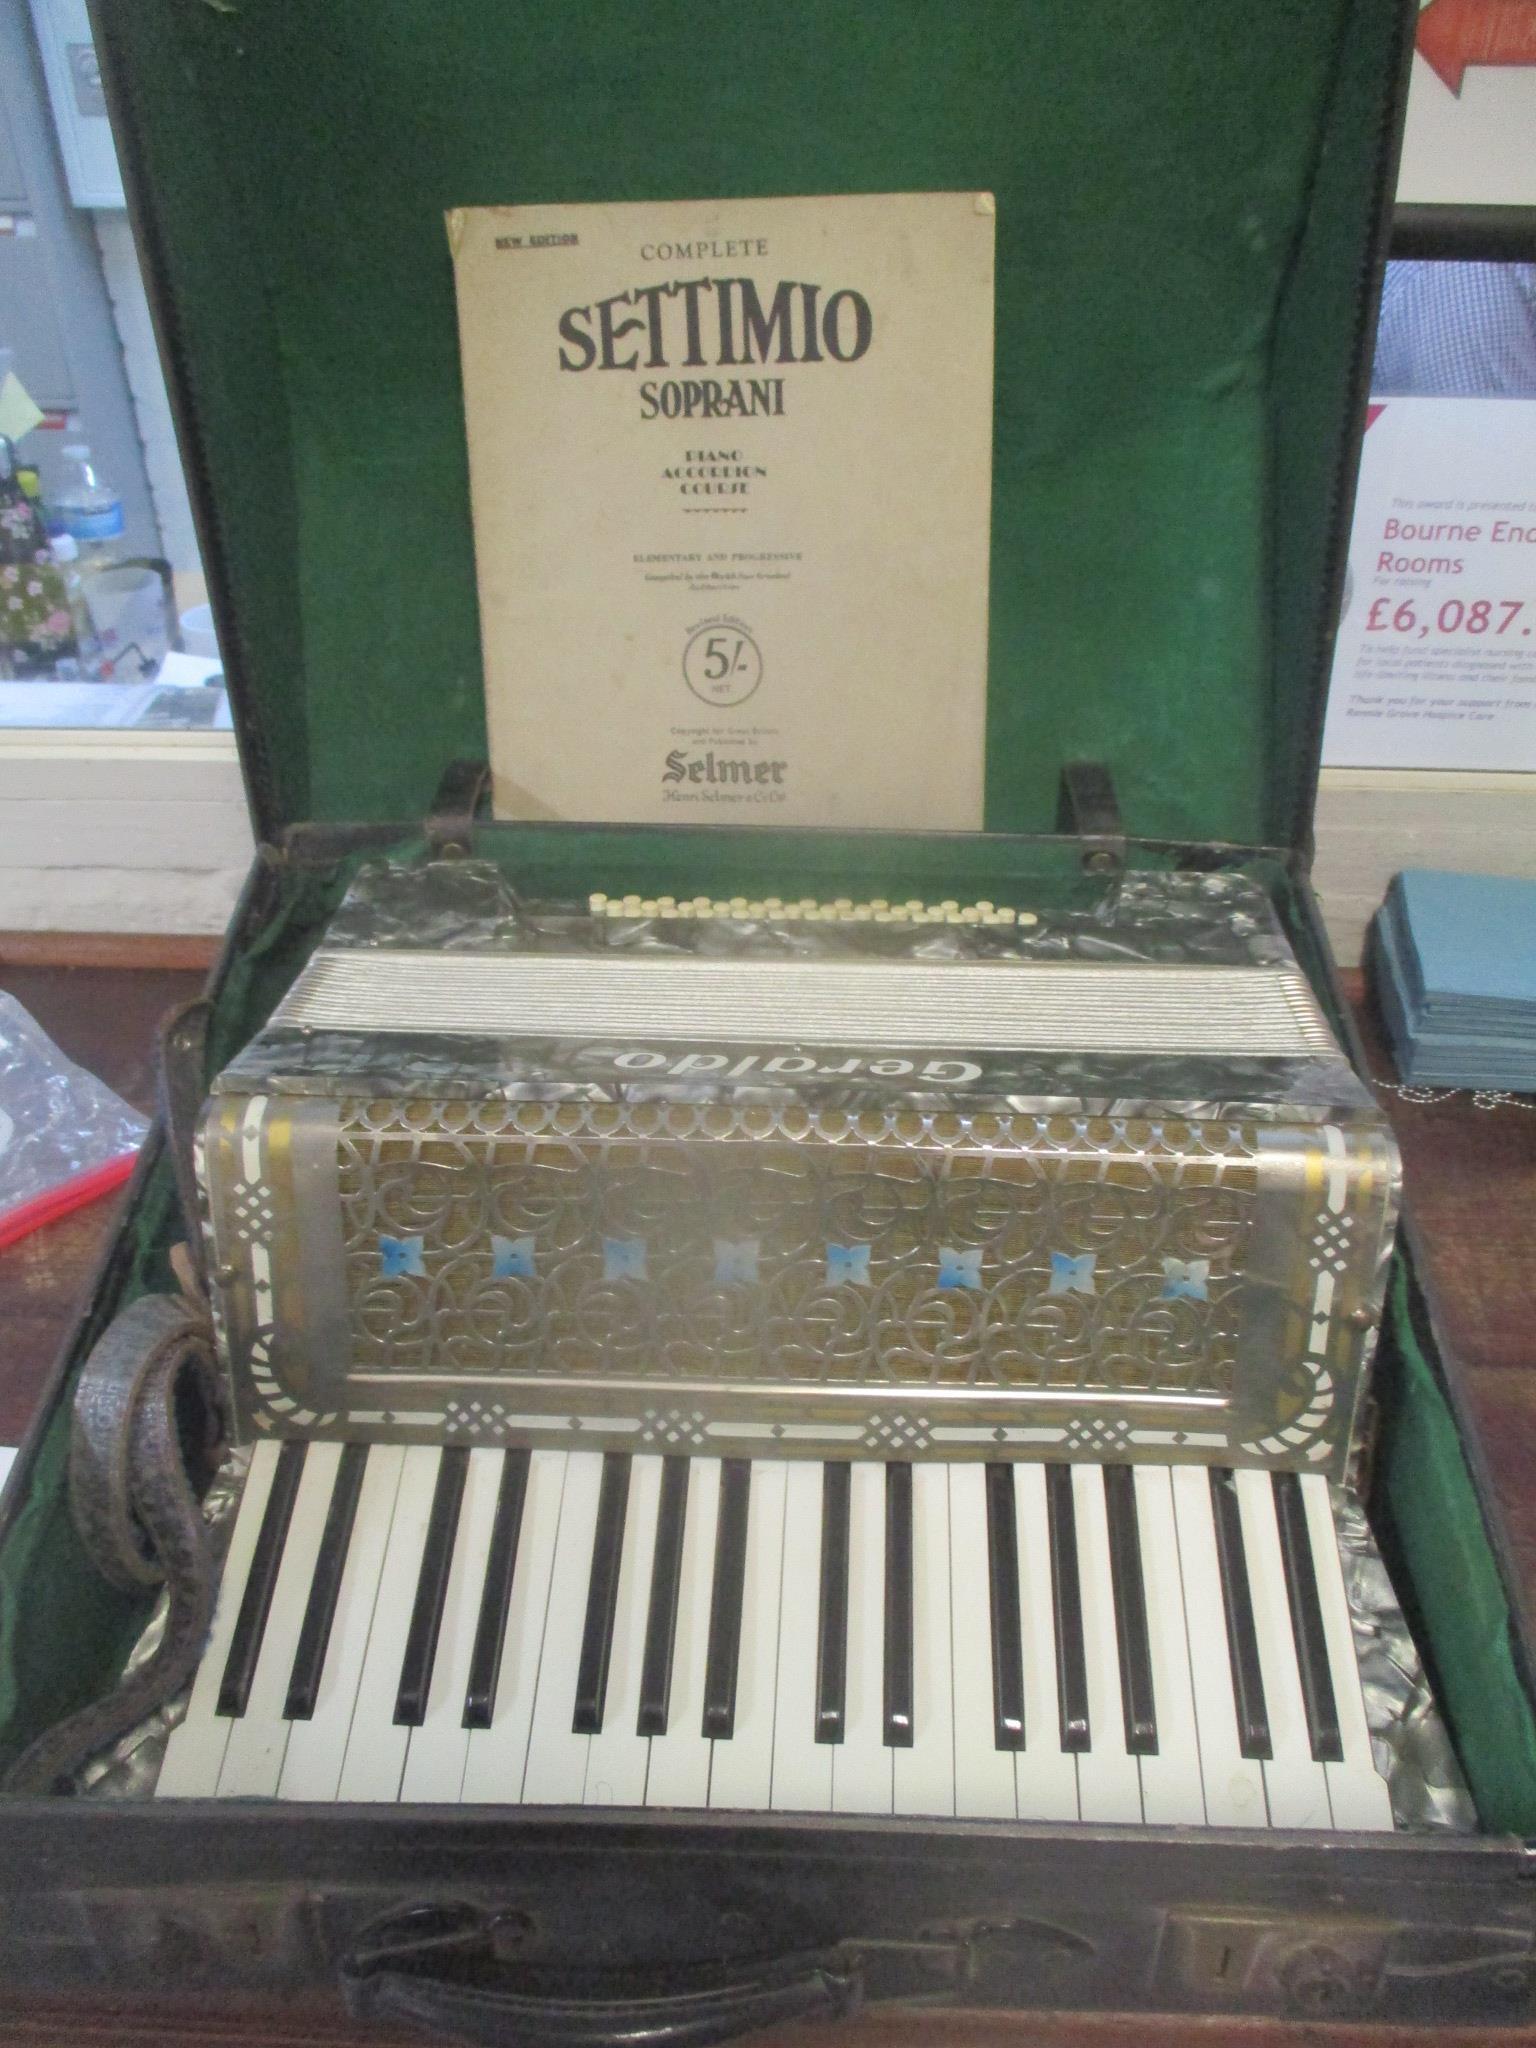 A Geraldo piano accordion in a case